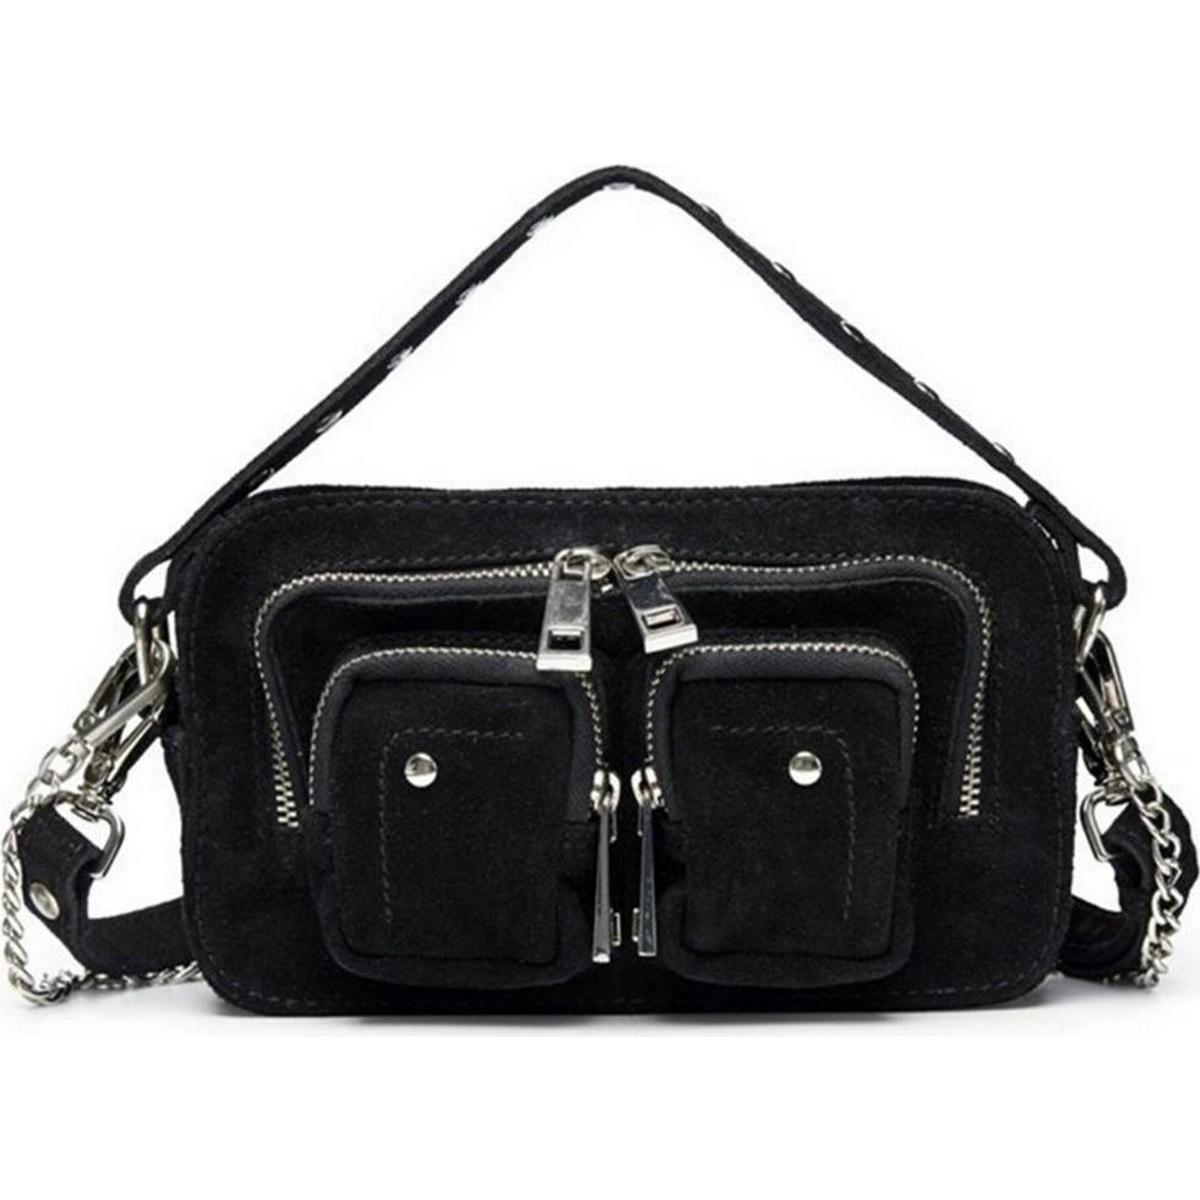 Helena Snake Mix liten handväska i skinn, med mönster